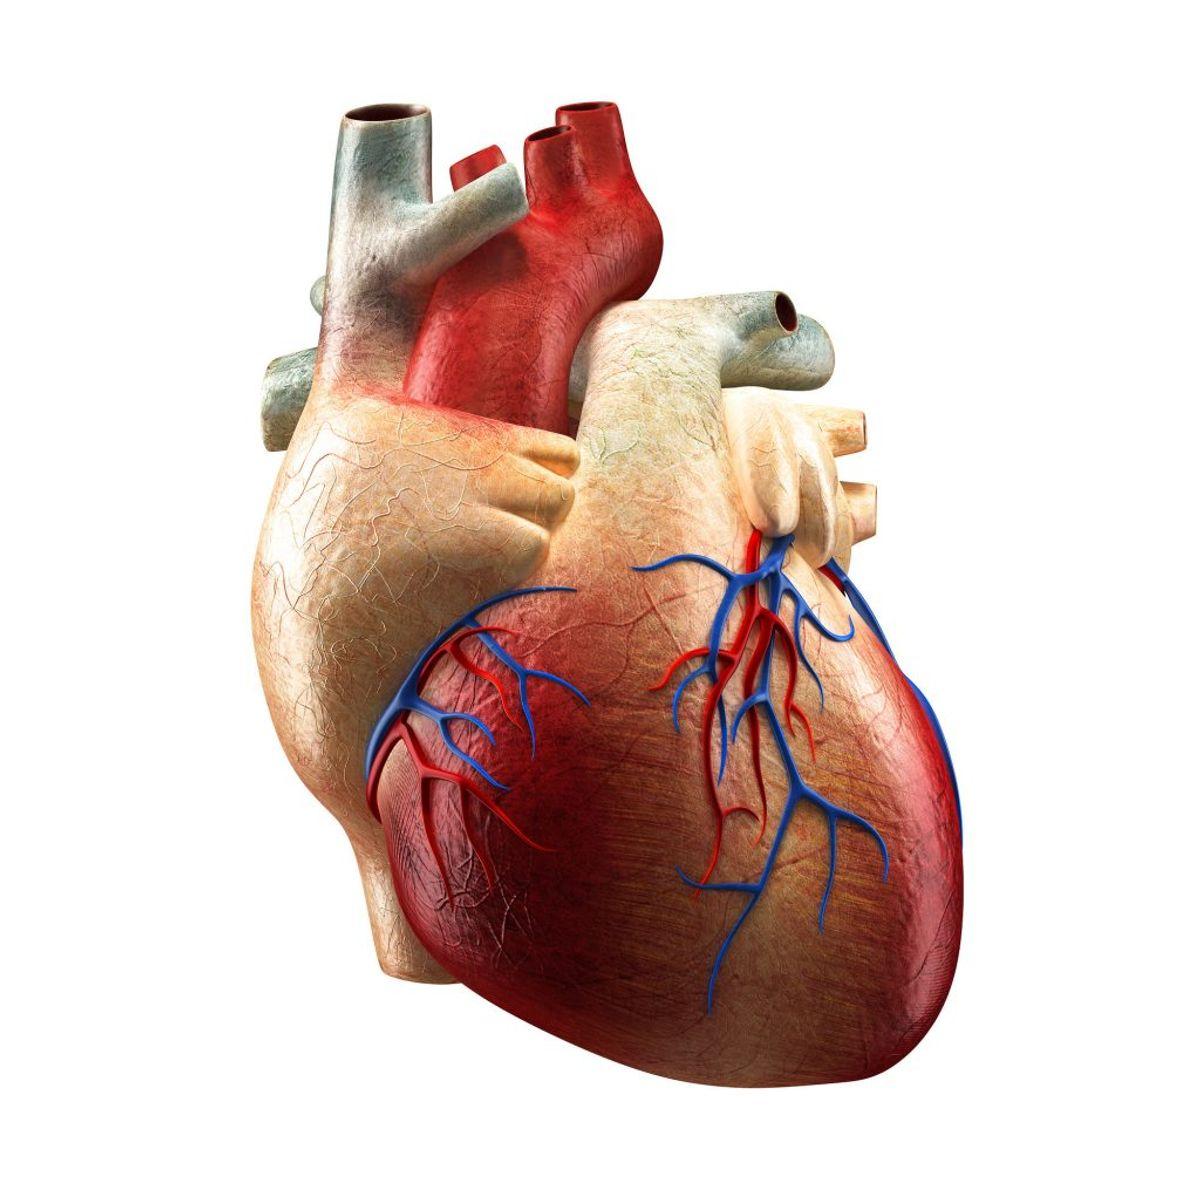 Hjertekarsygdomme dækker over en række forskellige sygdomme og lidelser, herunder blodpropper i hjertet og hjernen samt hjerneblødninger. Fra 1987 til 2000 steg antallet af danskere, der havde en hjertekarsygdom, med 1%. Foto: Scanpix.